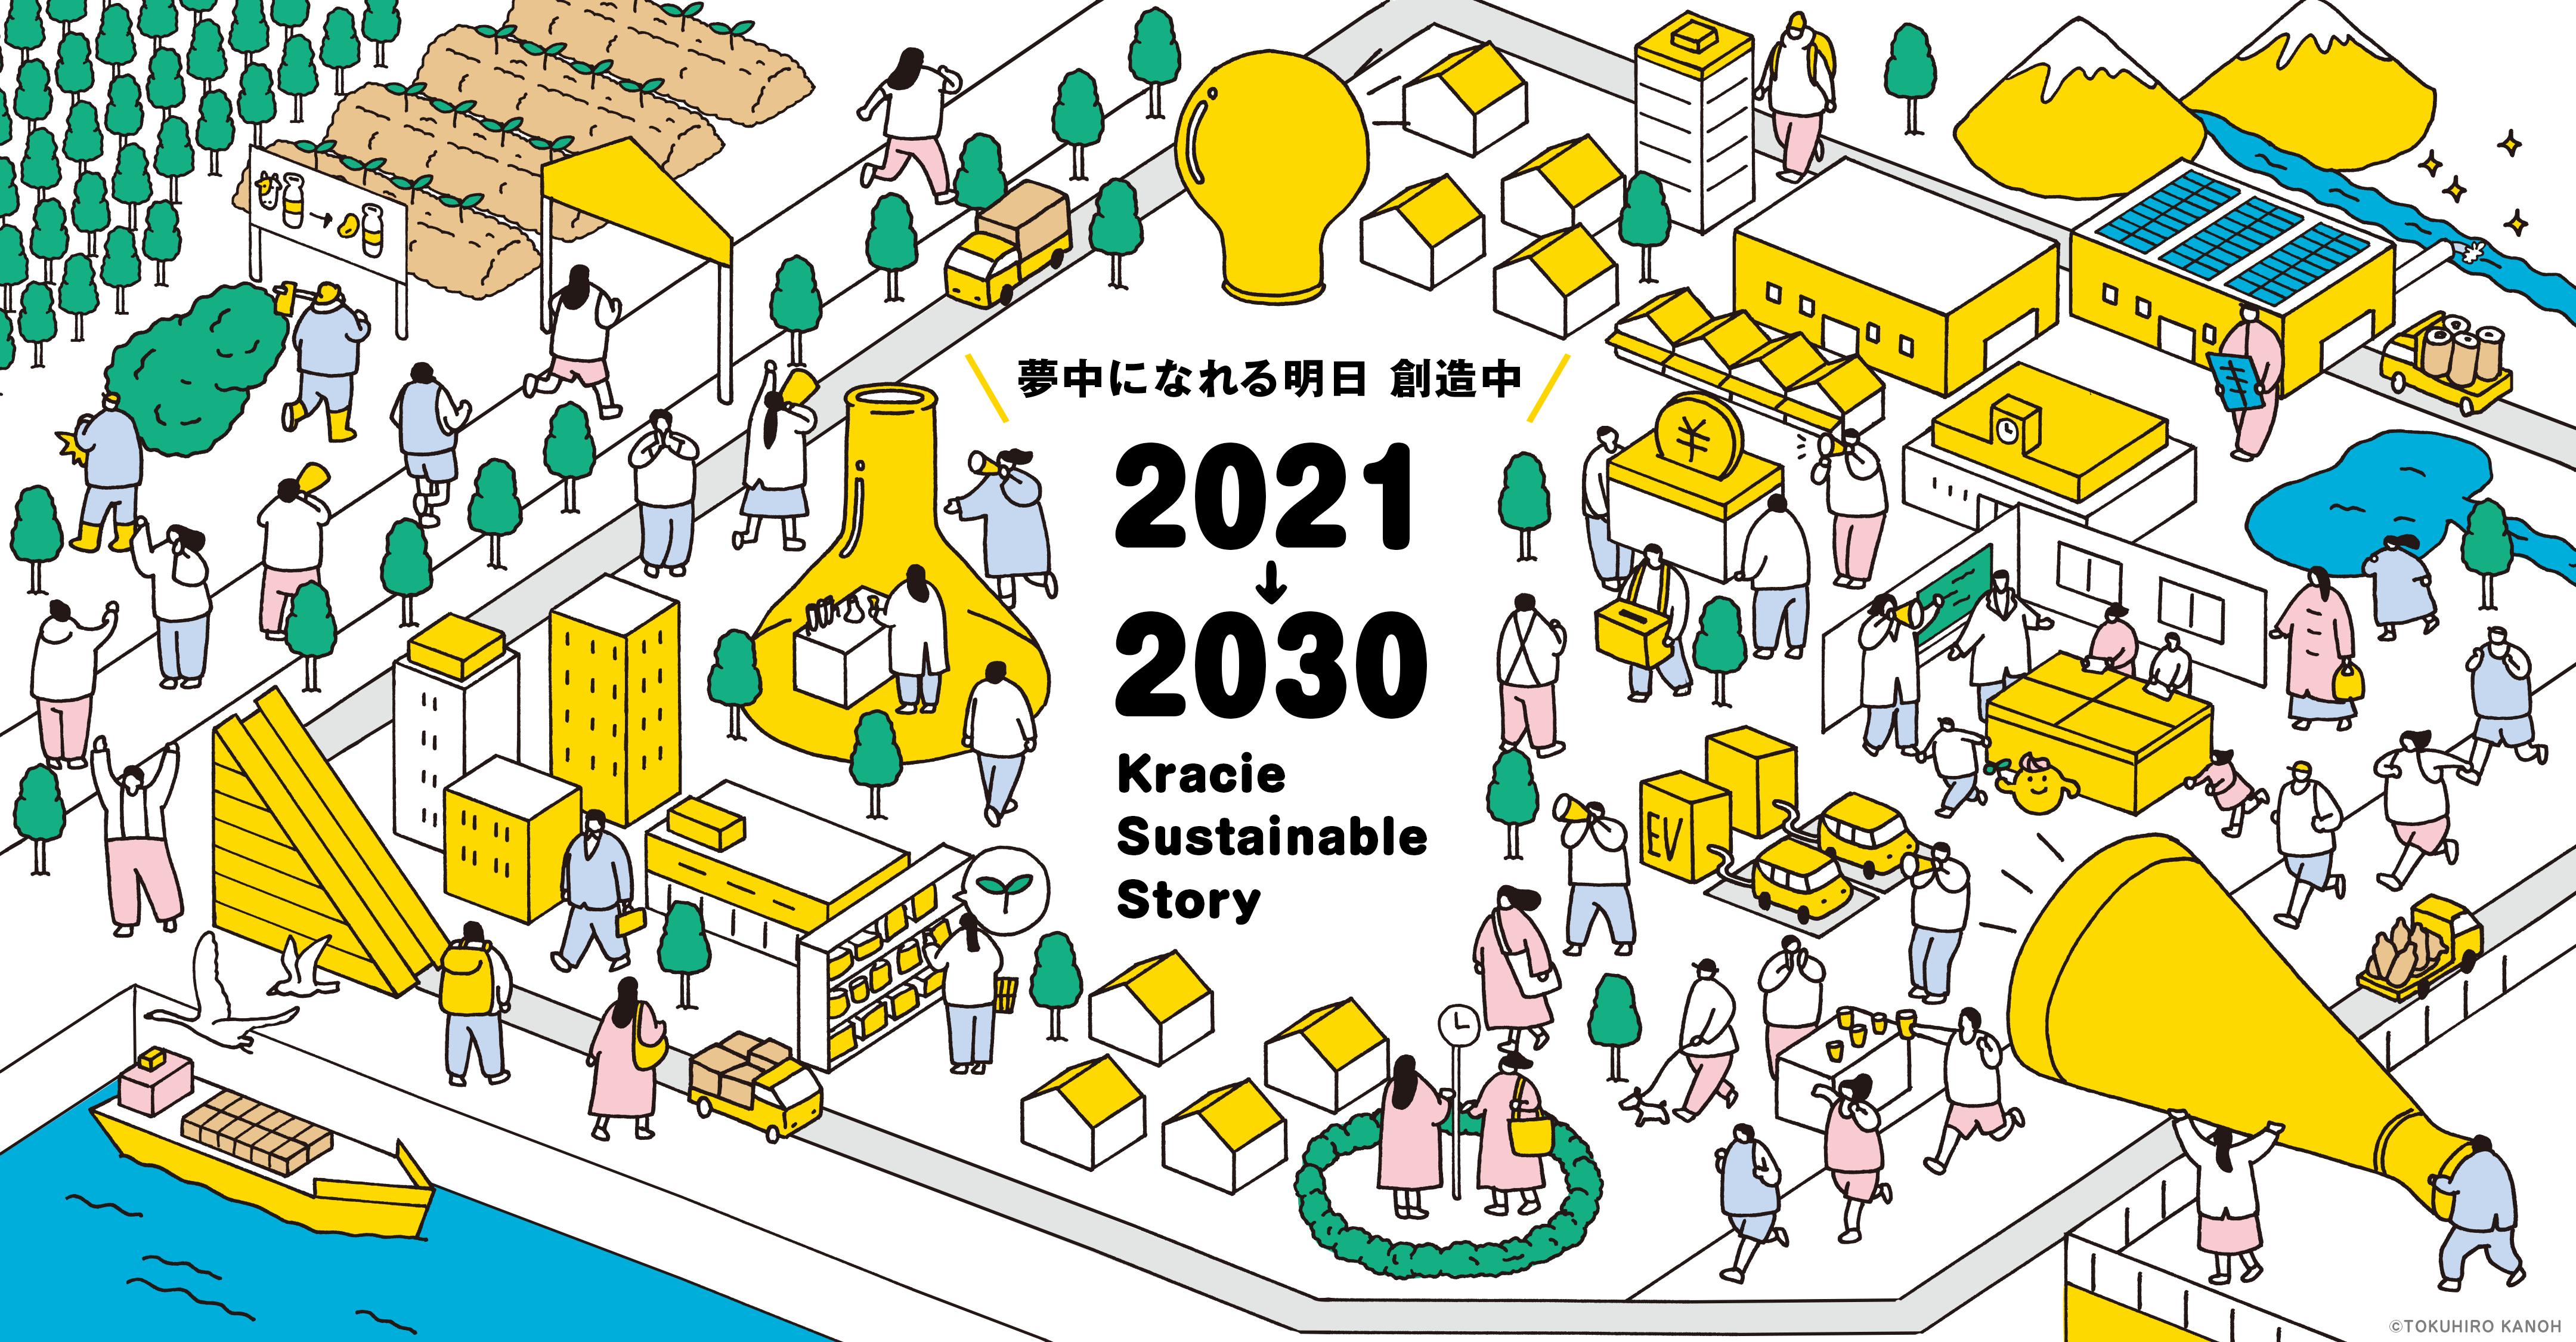 夢中になれる明日 創造中 2021↓2030 Kracie Sustainable Story